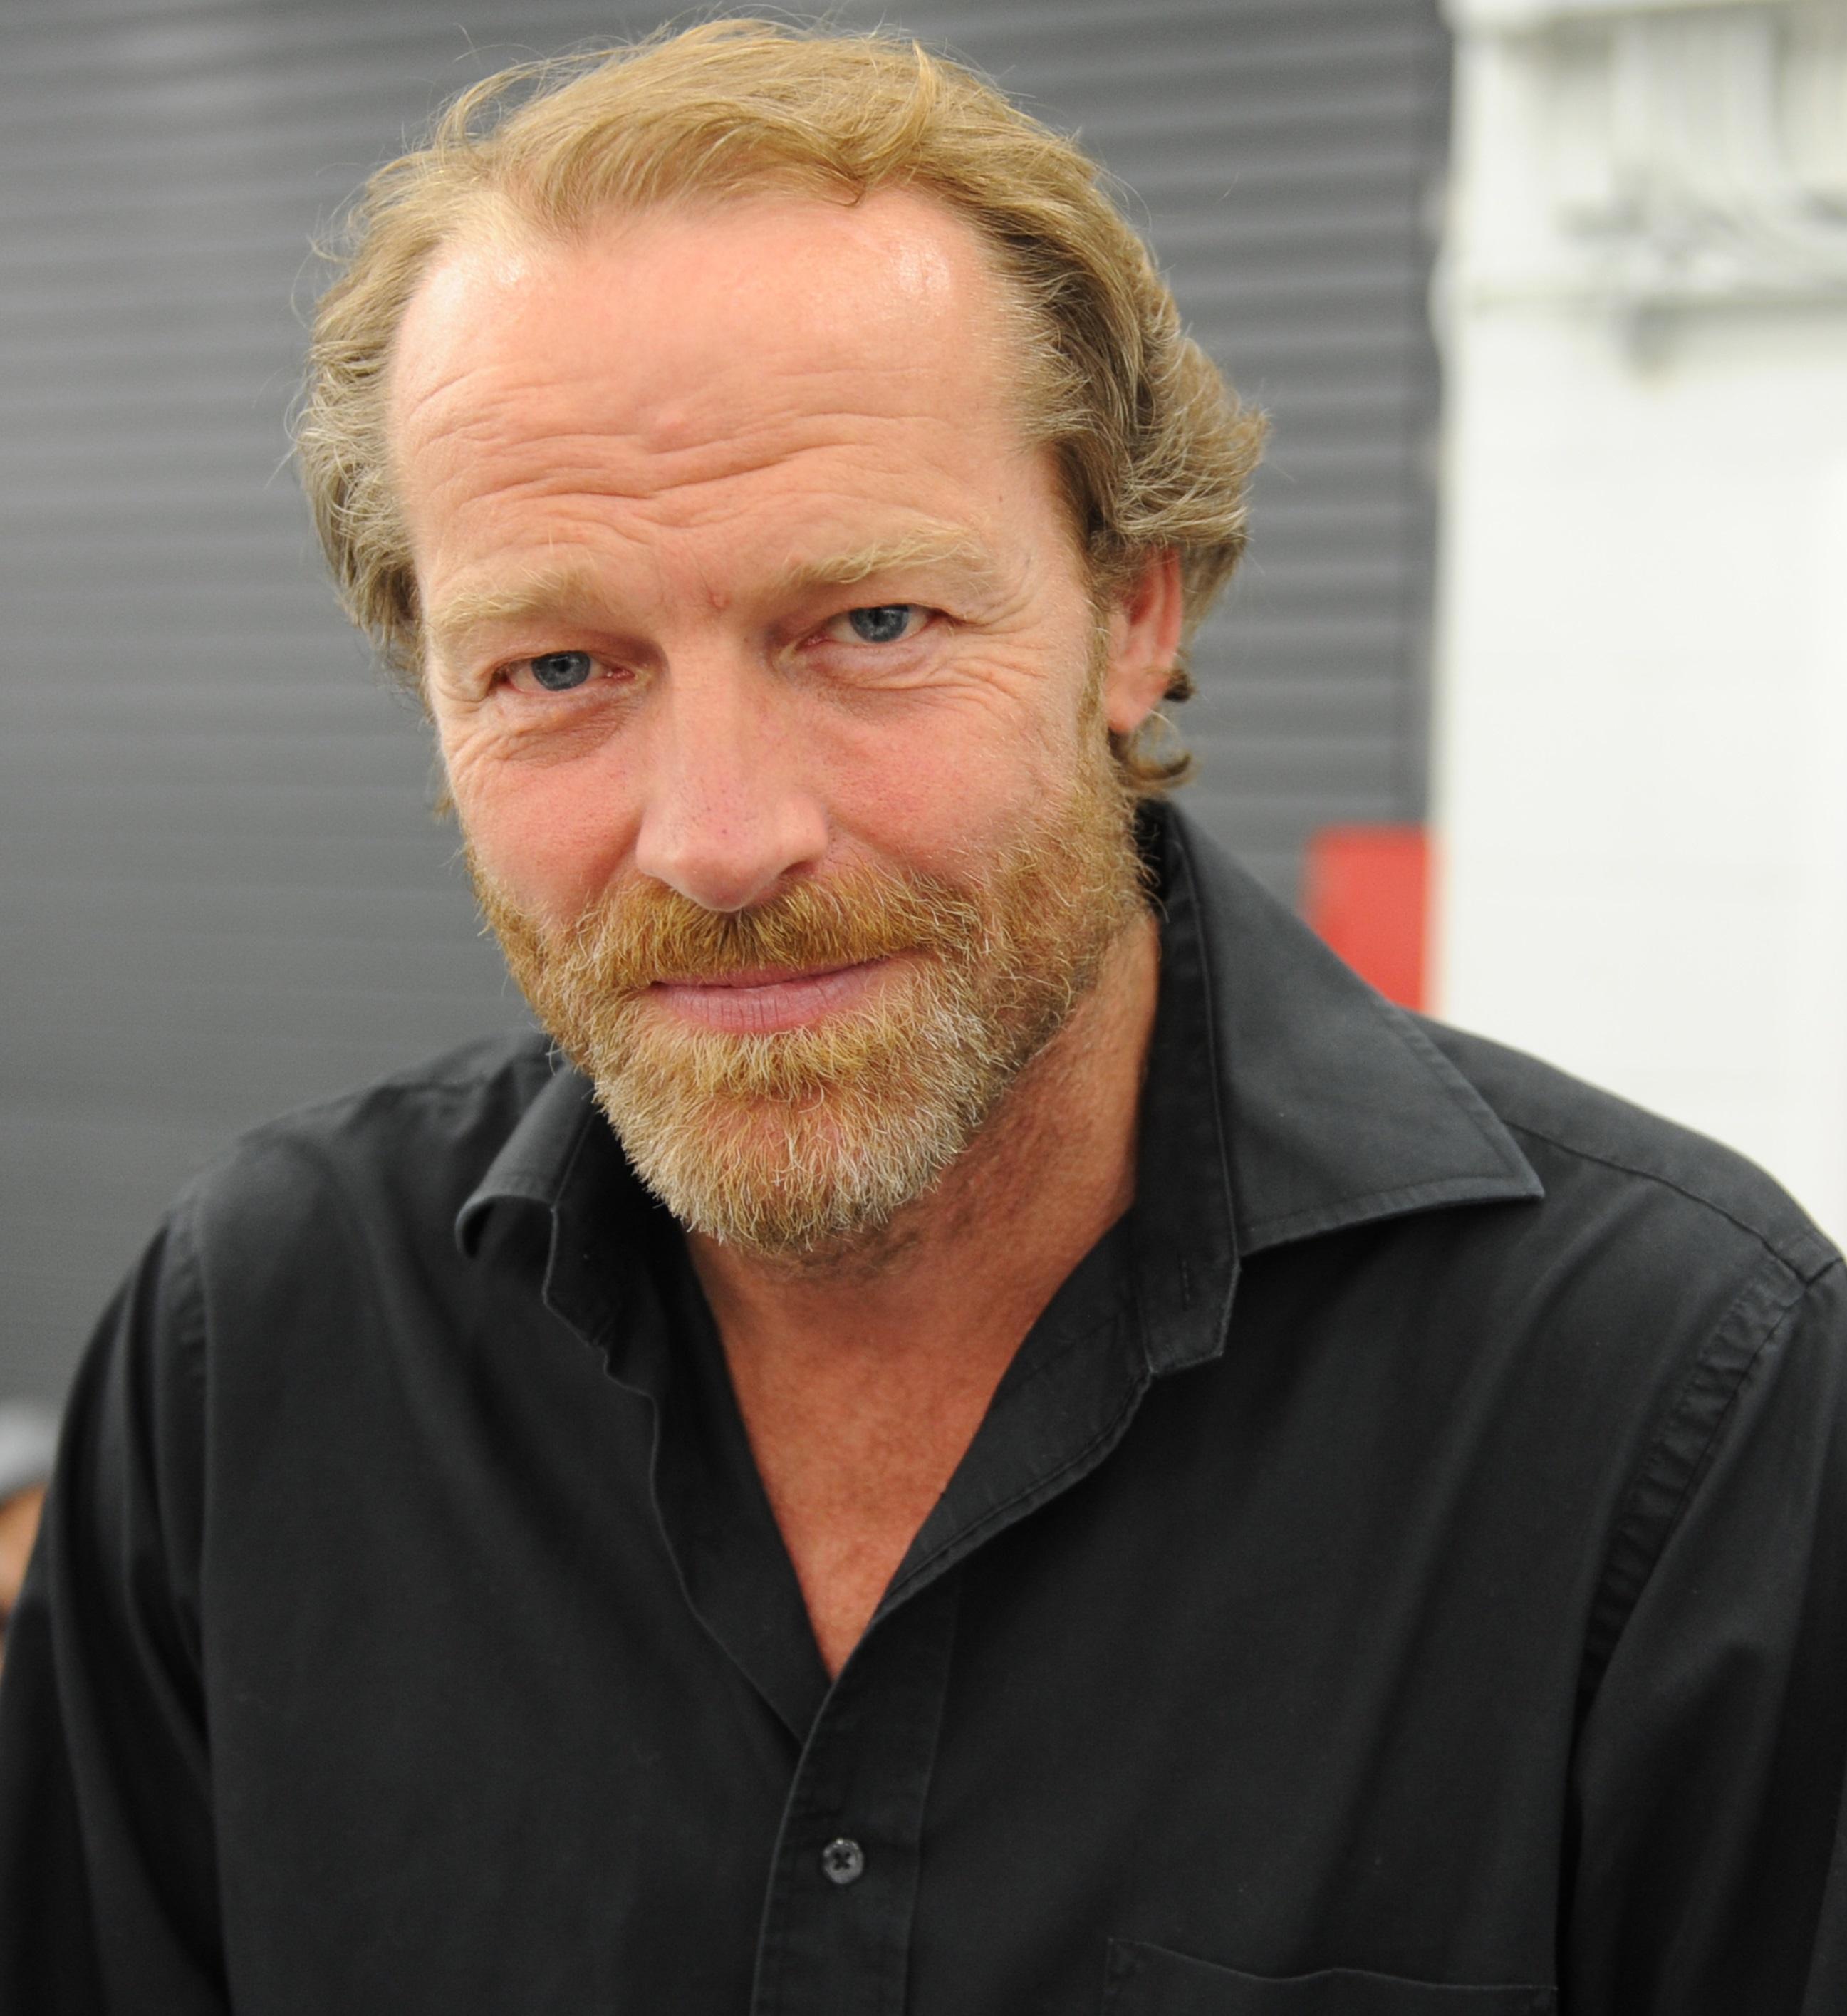 Glen in July 2012